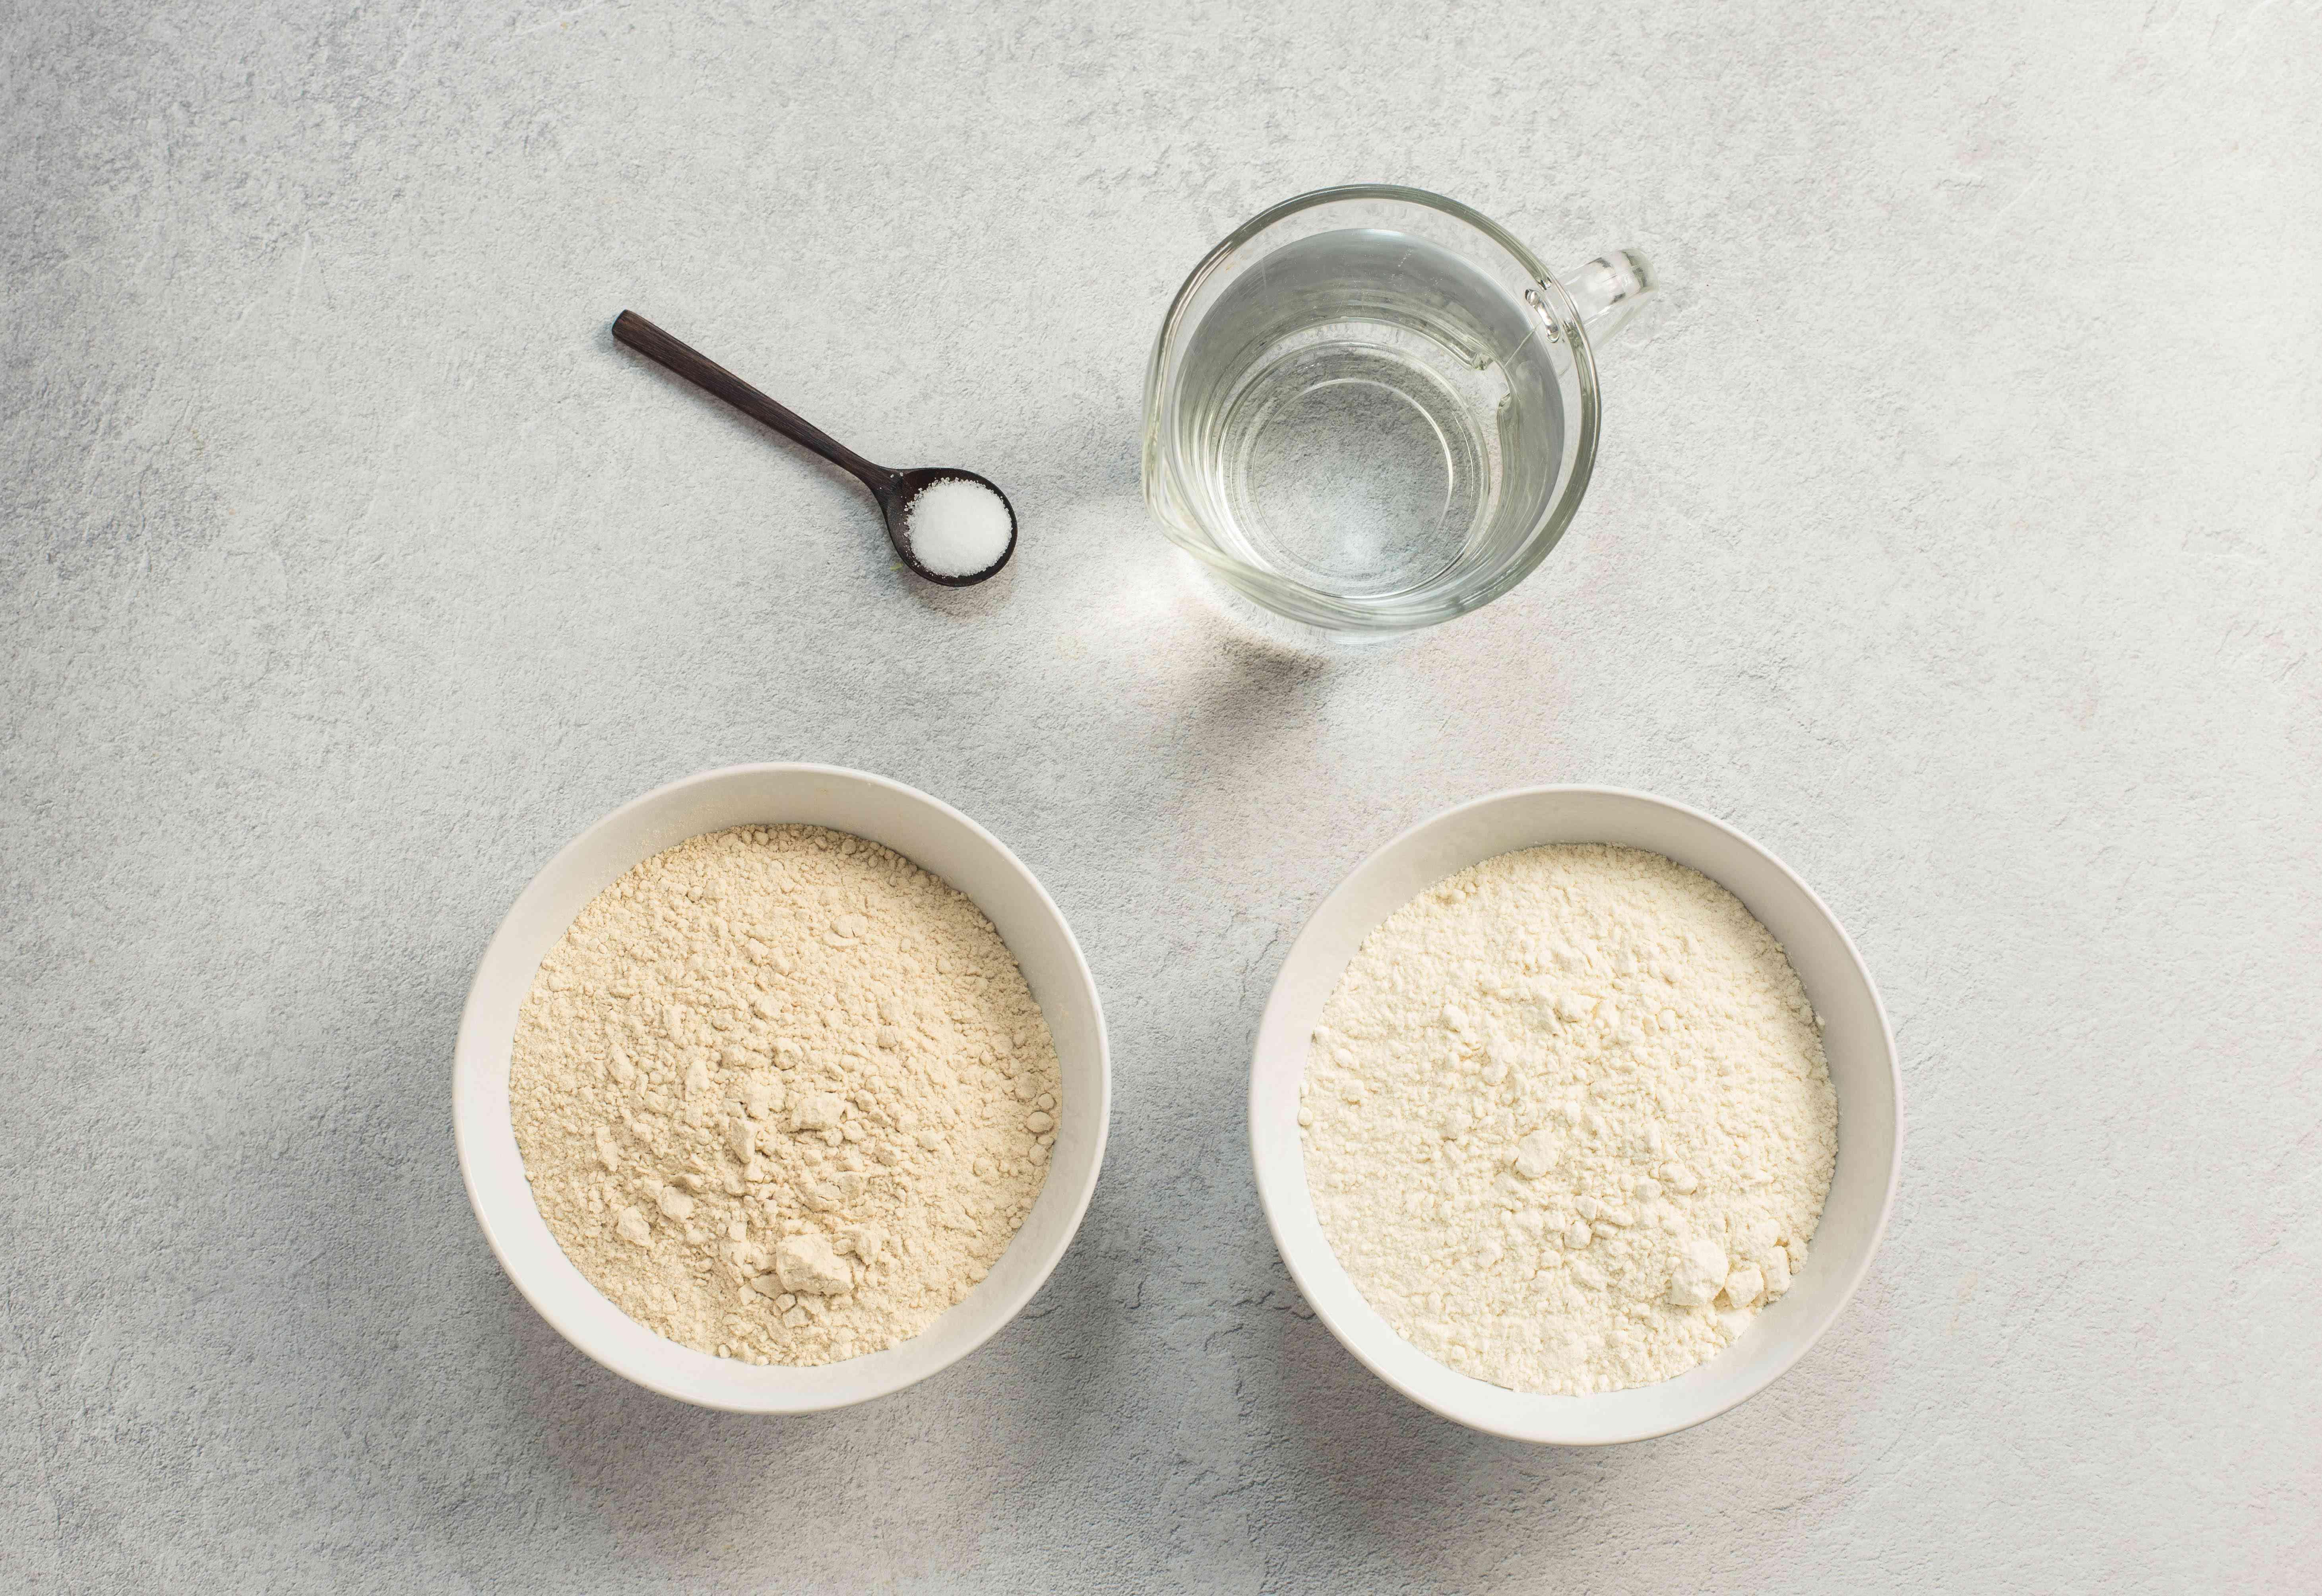 Ingredients for making injera